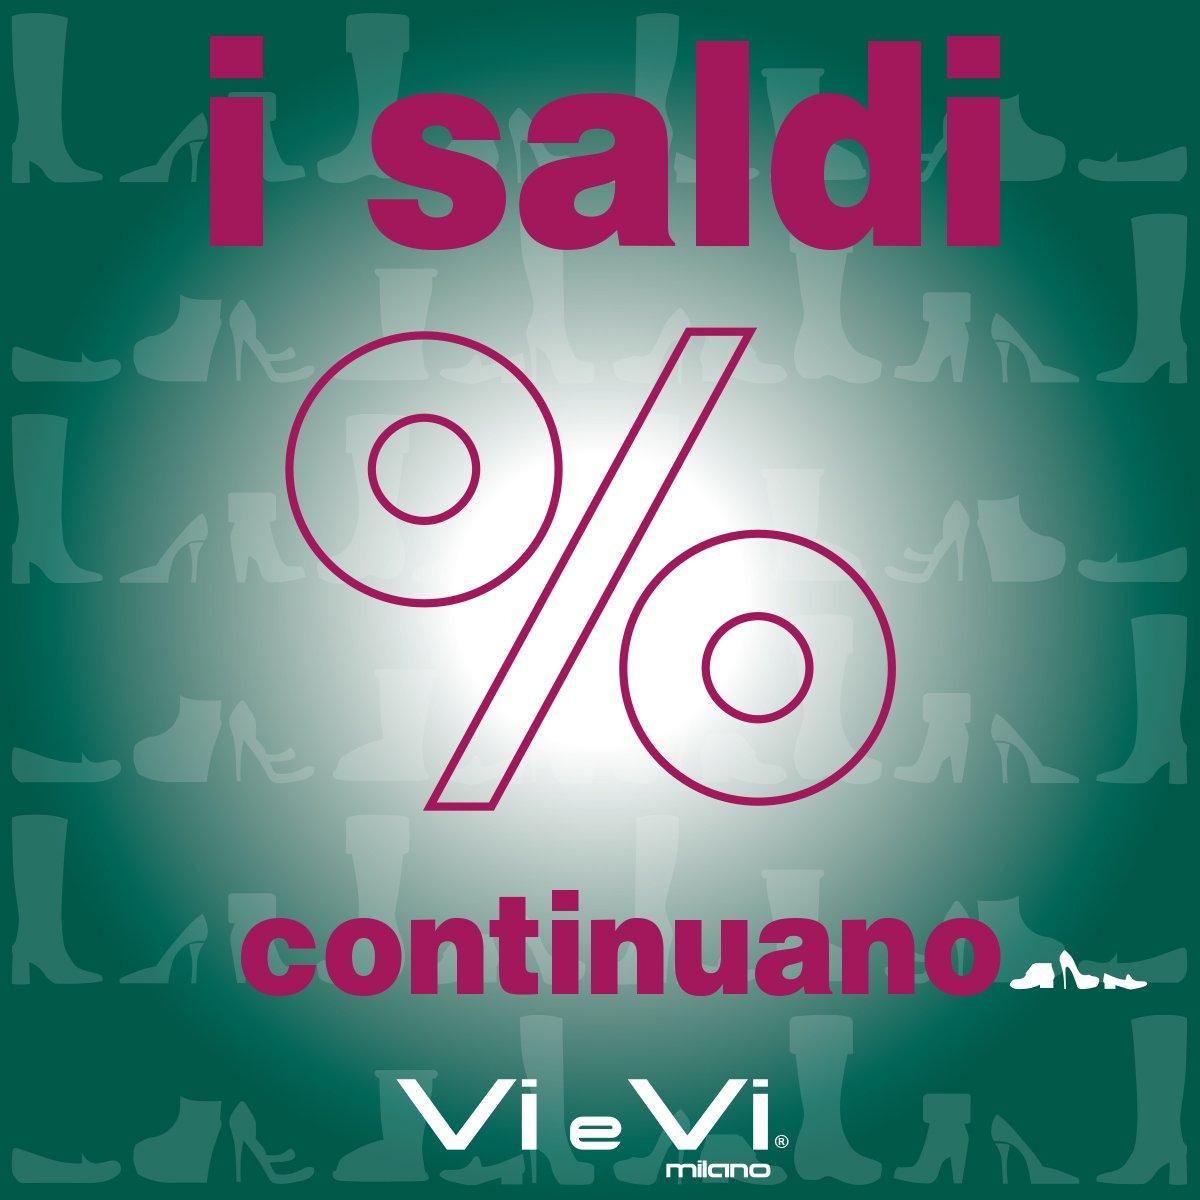 info for 797f7 867a2 Vi e Vi Milano on Twitter: